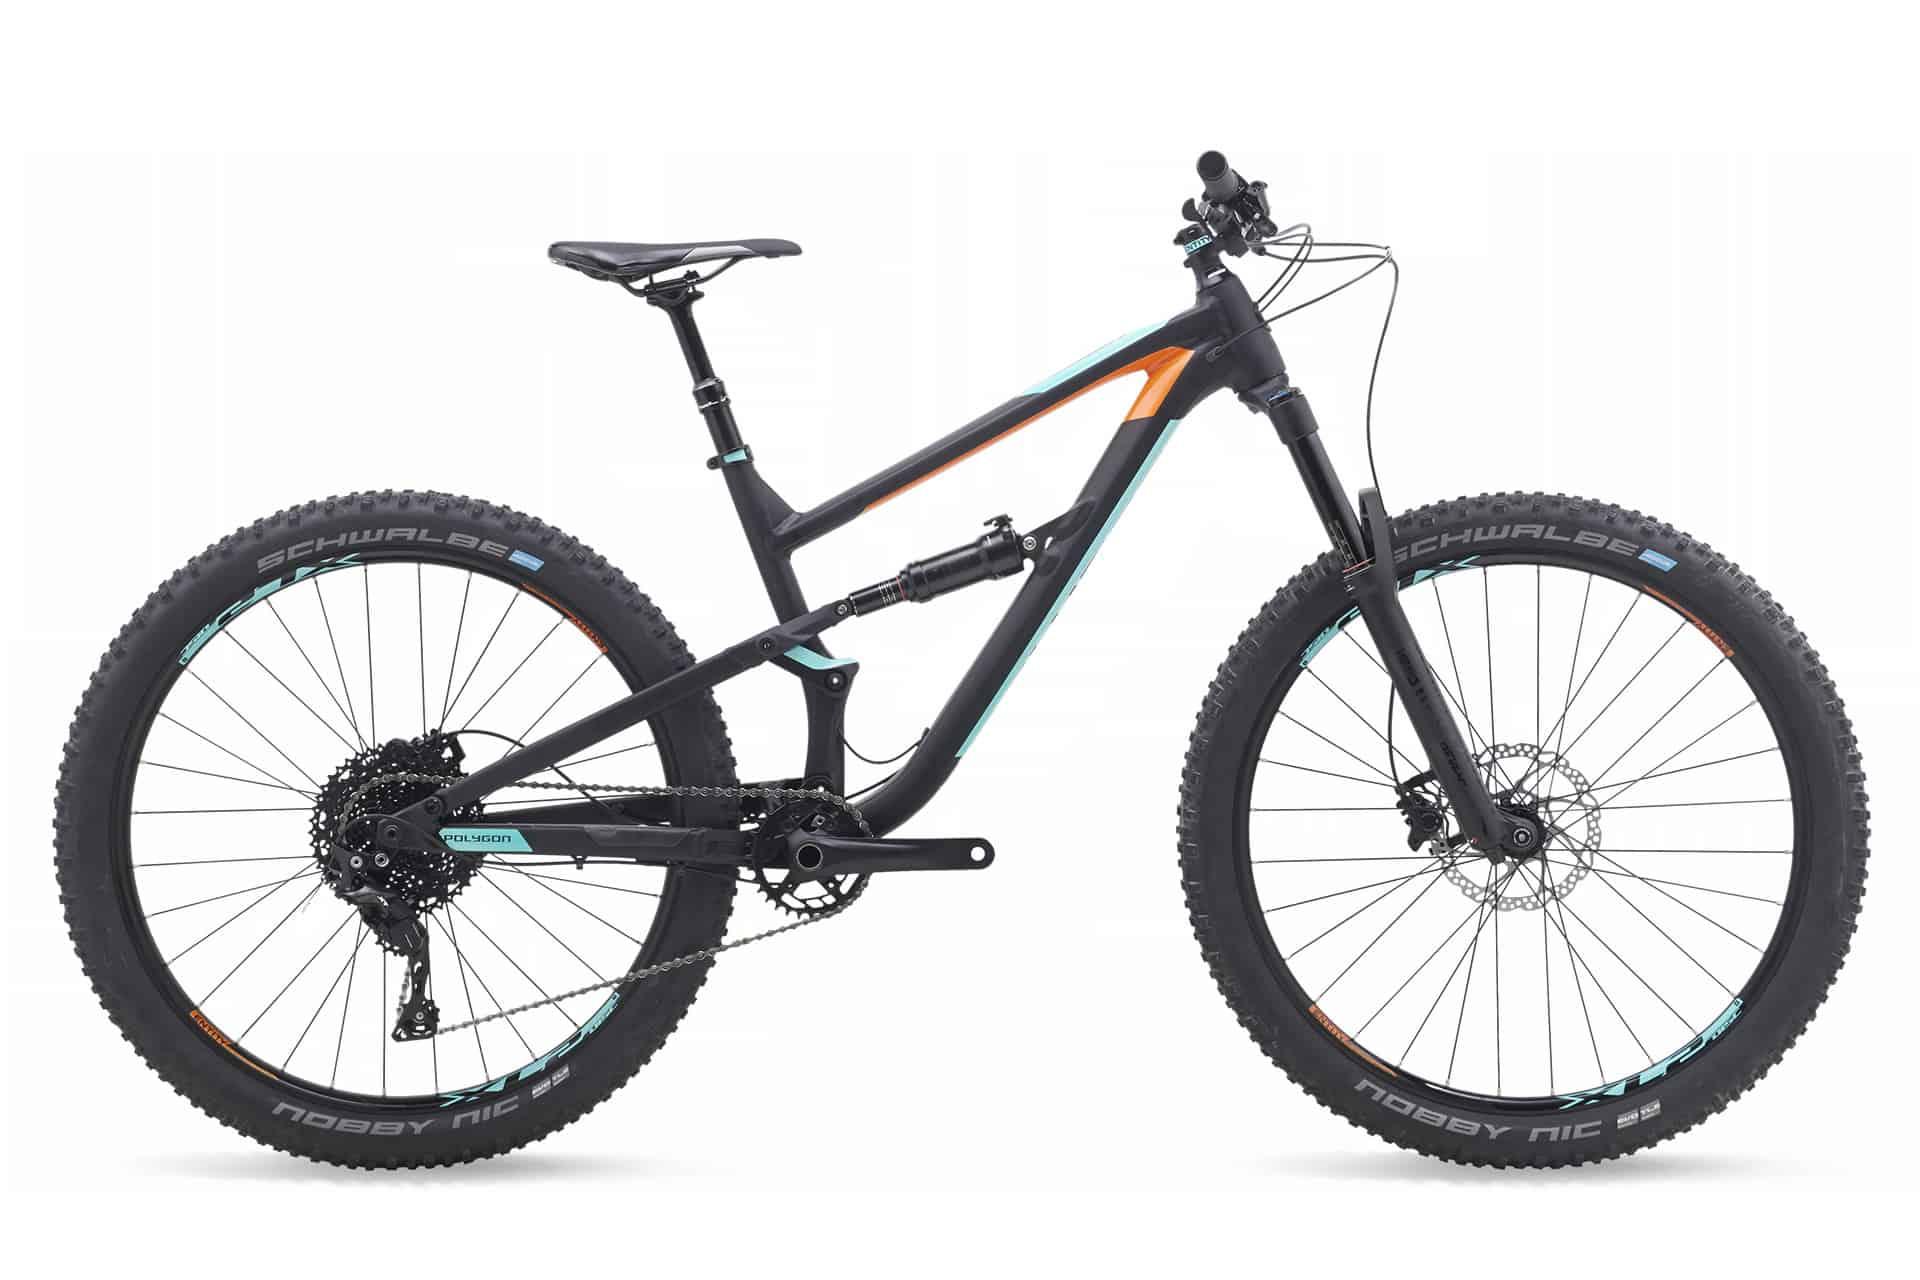 Spesifikasi dan Harga Polygon Siskiu T8 - Sepeda.Me